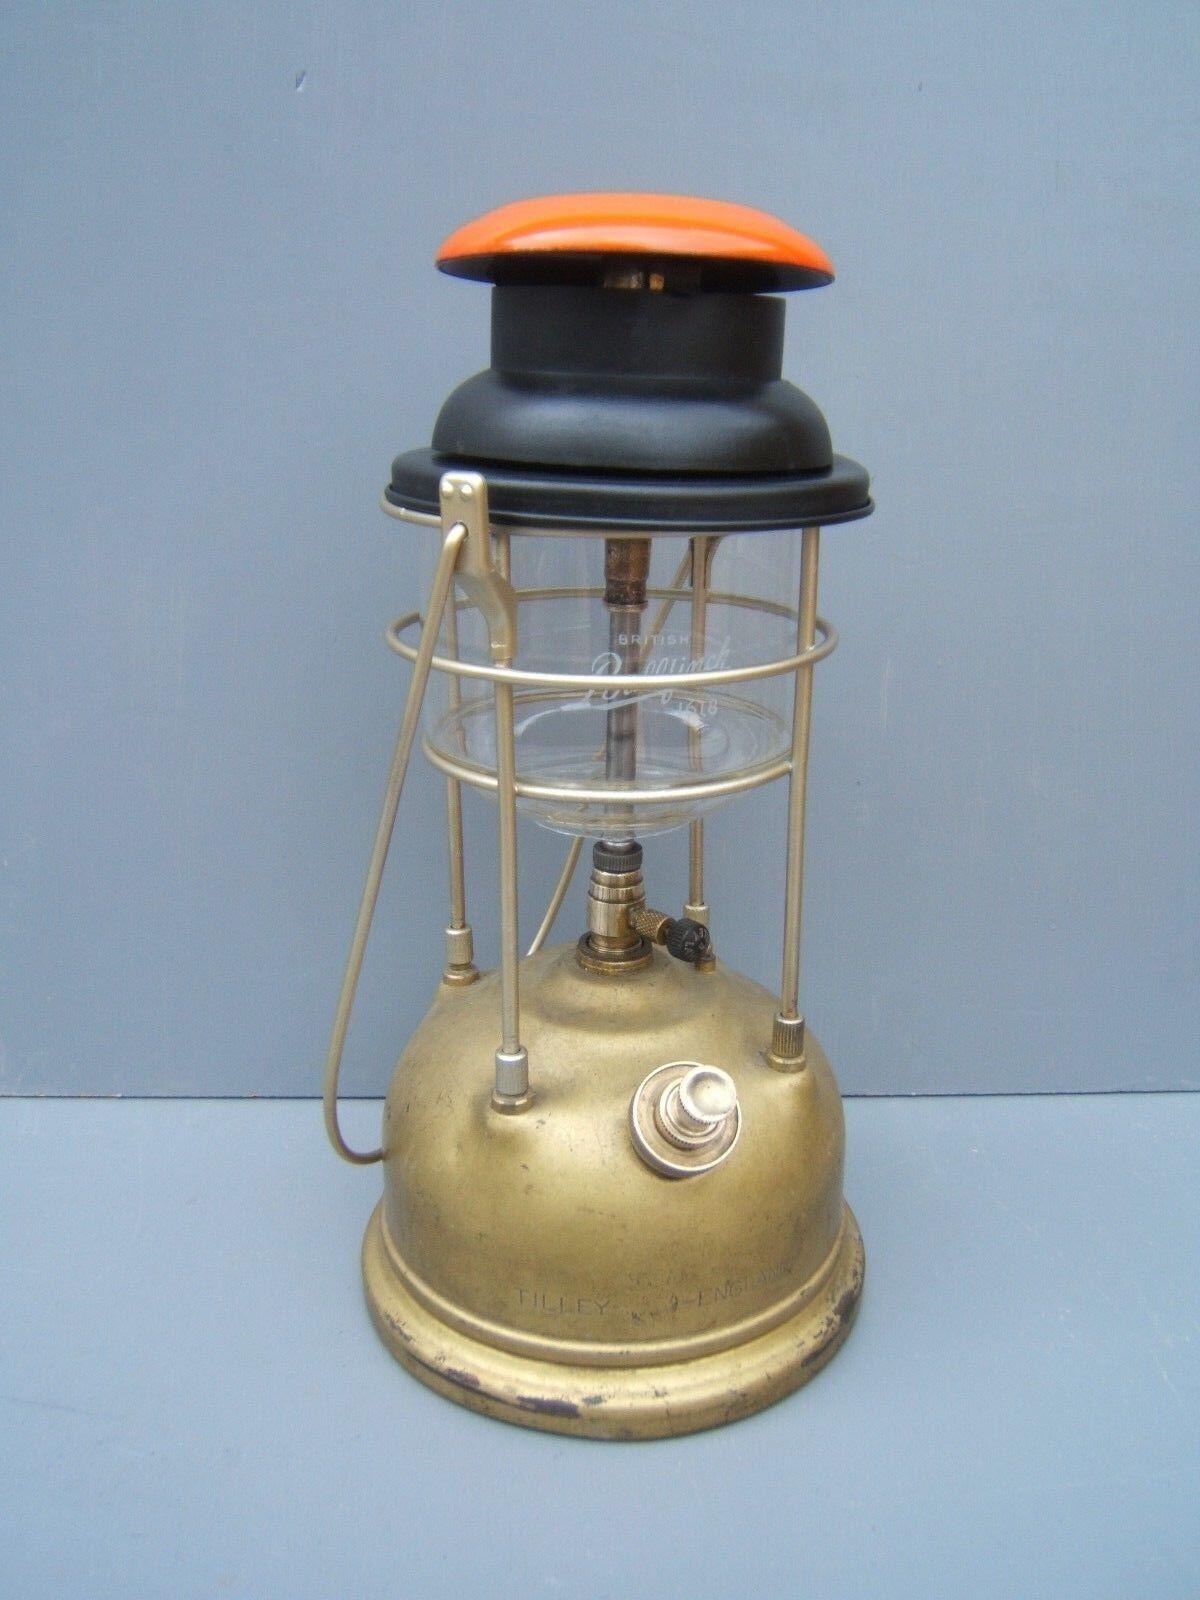 Tilley lamp 246  oil lamp orange original Tilley glass  ref TL25